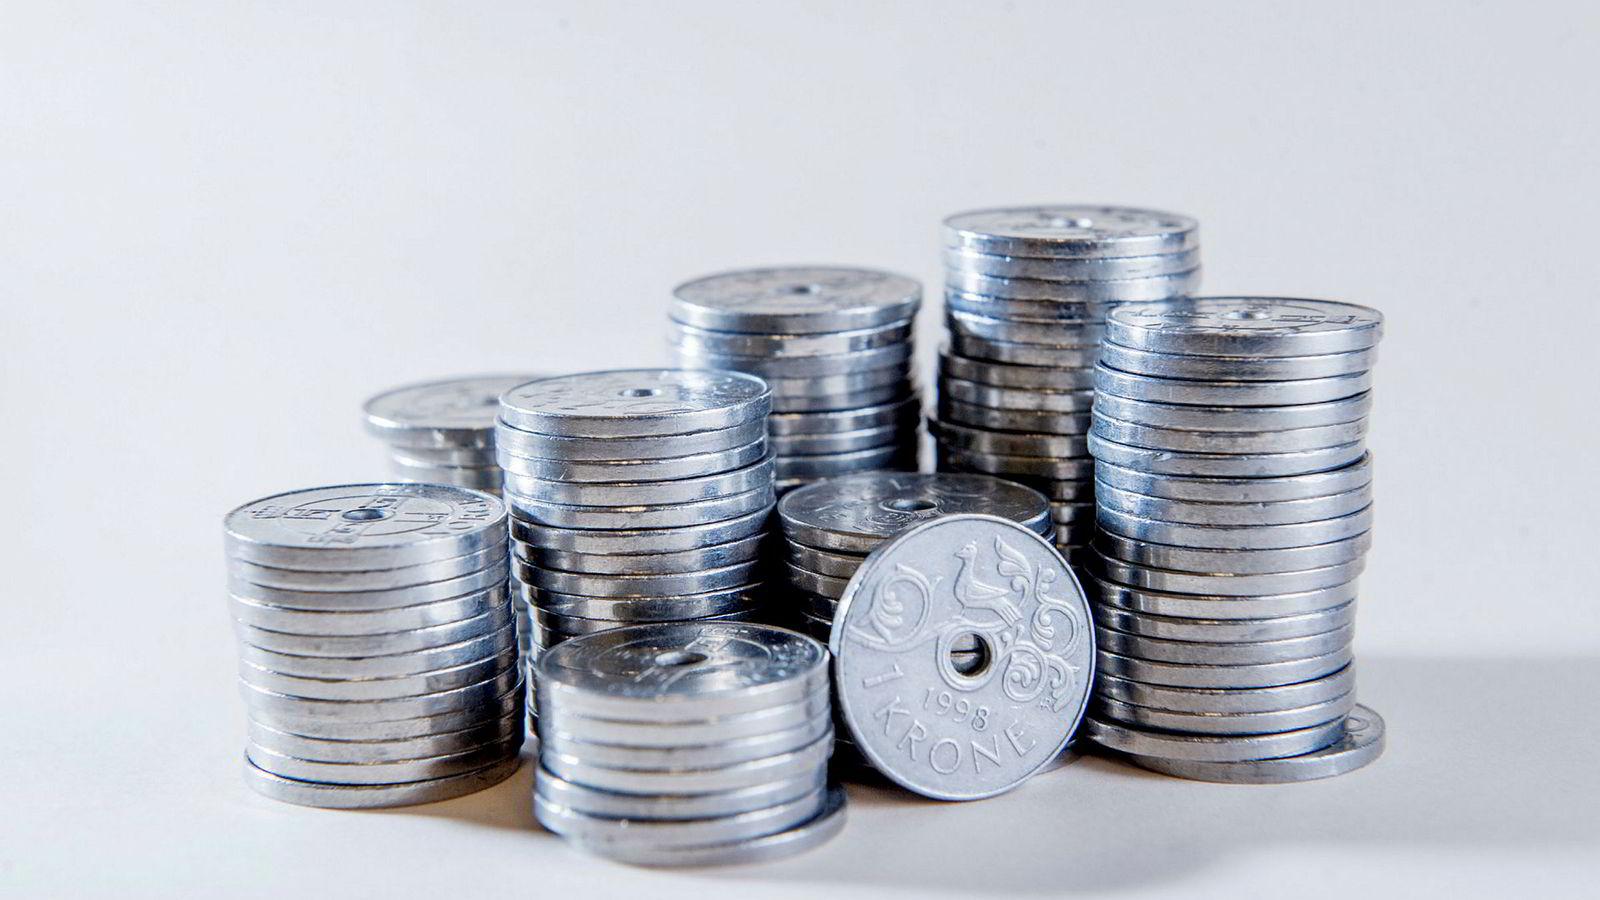 Kronen svekker seg betraktelig når Norges Bank legger til grunn lavere renter enn tidligere varslet i årene fremover.